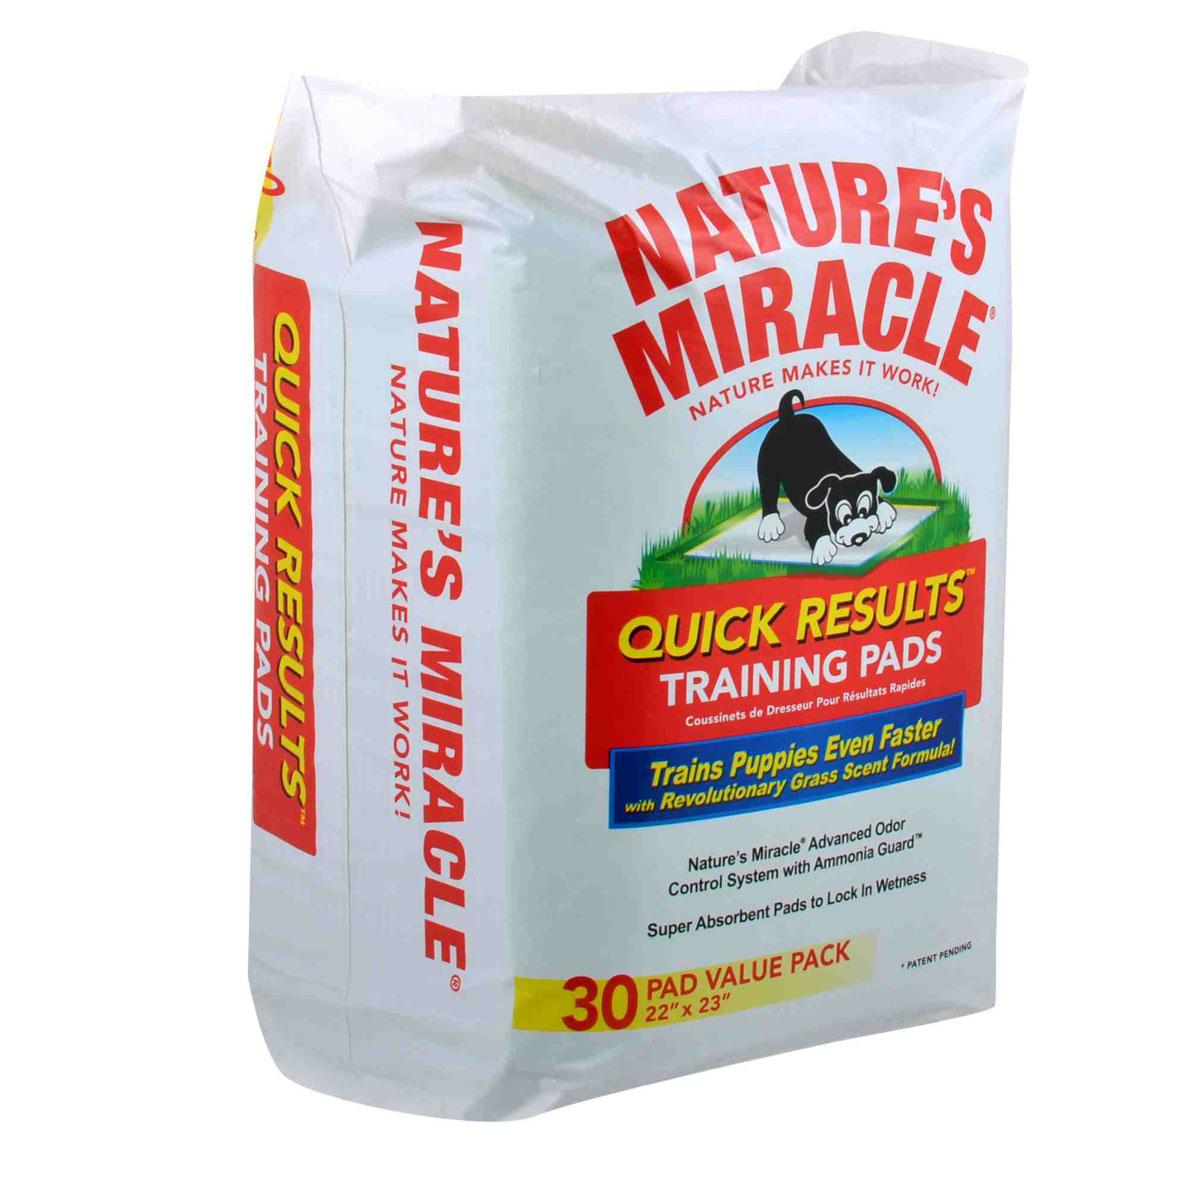 Пеленки для щенков 8 in 1 Natures Miracle, приучающие, 56 см х 58 см, 30 шт5052308Приучающие пеленки для щенков 8 in 1 Natures Miracle помогут вам в приучении собаки и избавят от неприятных запахов в доме. Многослойные приучающие пеленки содержат супер-абсорбирующие полимеры, впитывающие влагу и фиксирующие ее внутри пеленки, и дарят вам душевное спокойствие в поездках, когда животное надолго остается в одиночестве или с трудом поддается воспитанию. Пеленки Natures Miracle содержат аттрактанты, запах которых привлекает собак, и стимулирует их справлять нужду на пеленку. Пропитка с ароматом травы позволяет быстрее приучить собаку к улице после использования пеленок. Кроме того, пеленки Natures Miracle обладают Технологией контроля запахов, которая уничтожает неприятные запахи и препятствует их распространению по дому. Если вы будете поощрять животное использовать пеленку, собака перестанет ходить в туалет на ковры и другую трудно-очищаемую поверхность. Пеленки Natures Miracle идеально подходят для щенков в период приучения к гигиене и для маленьких...